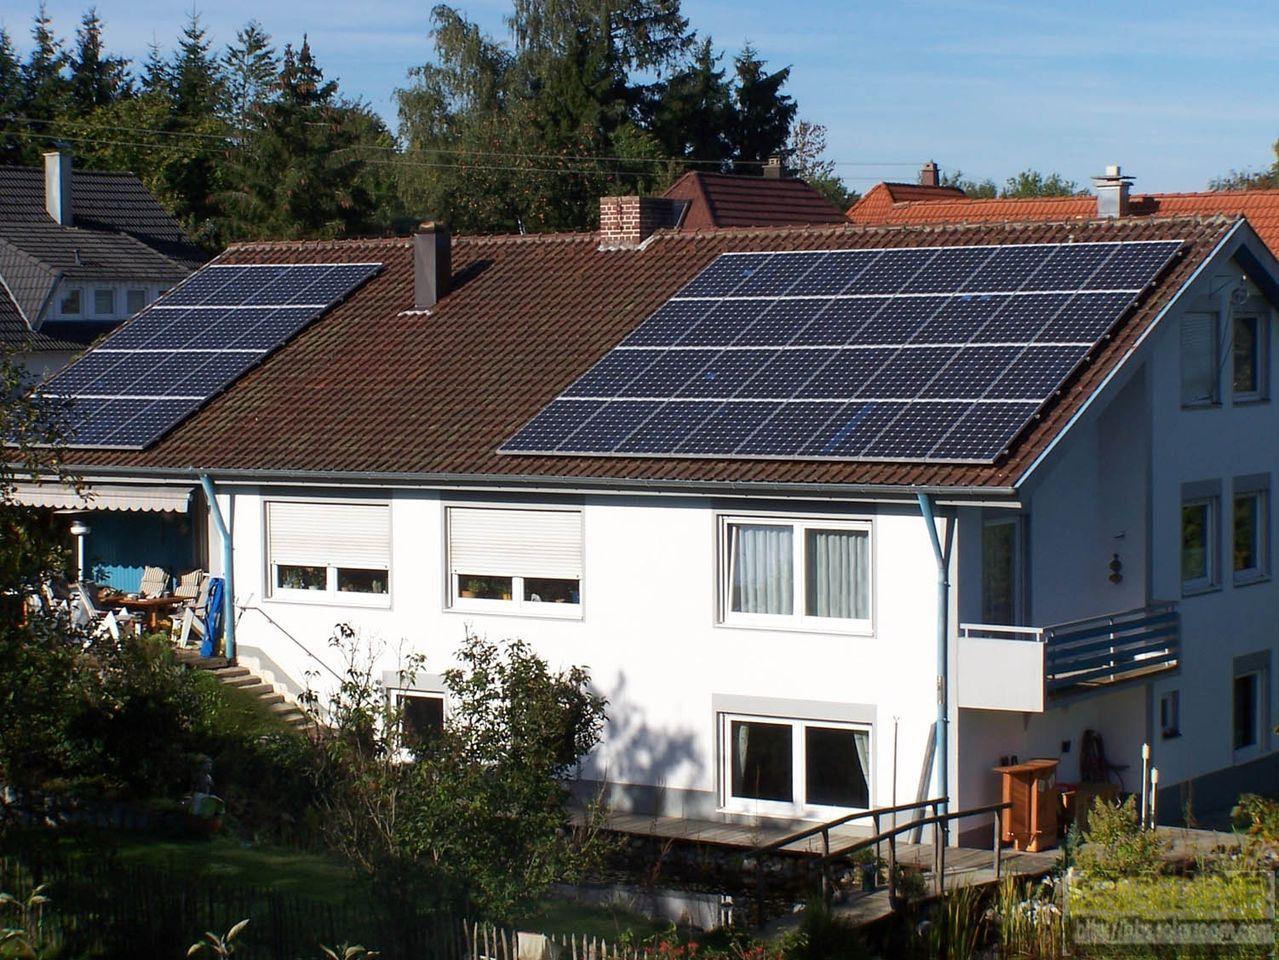 家用小型汽车图片_成都小型光伏电站,太阳能发电组,成都久亮光伏 - 久亮光伏 ...